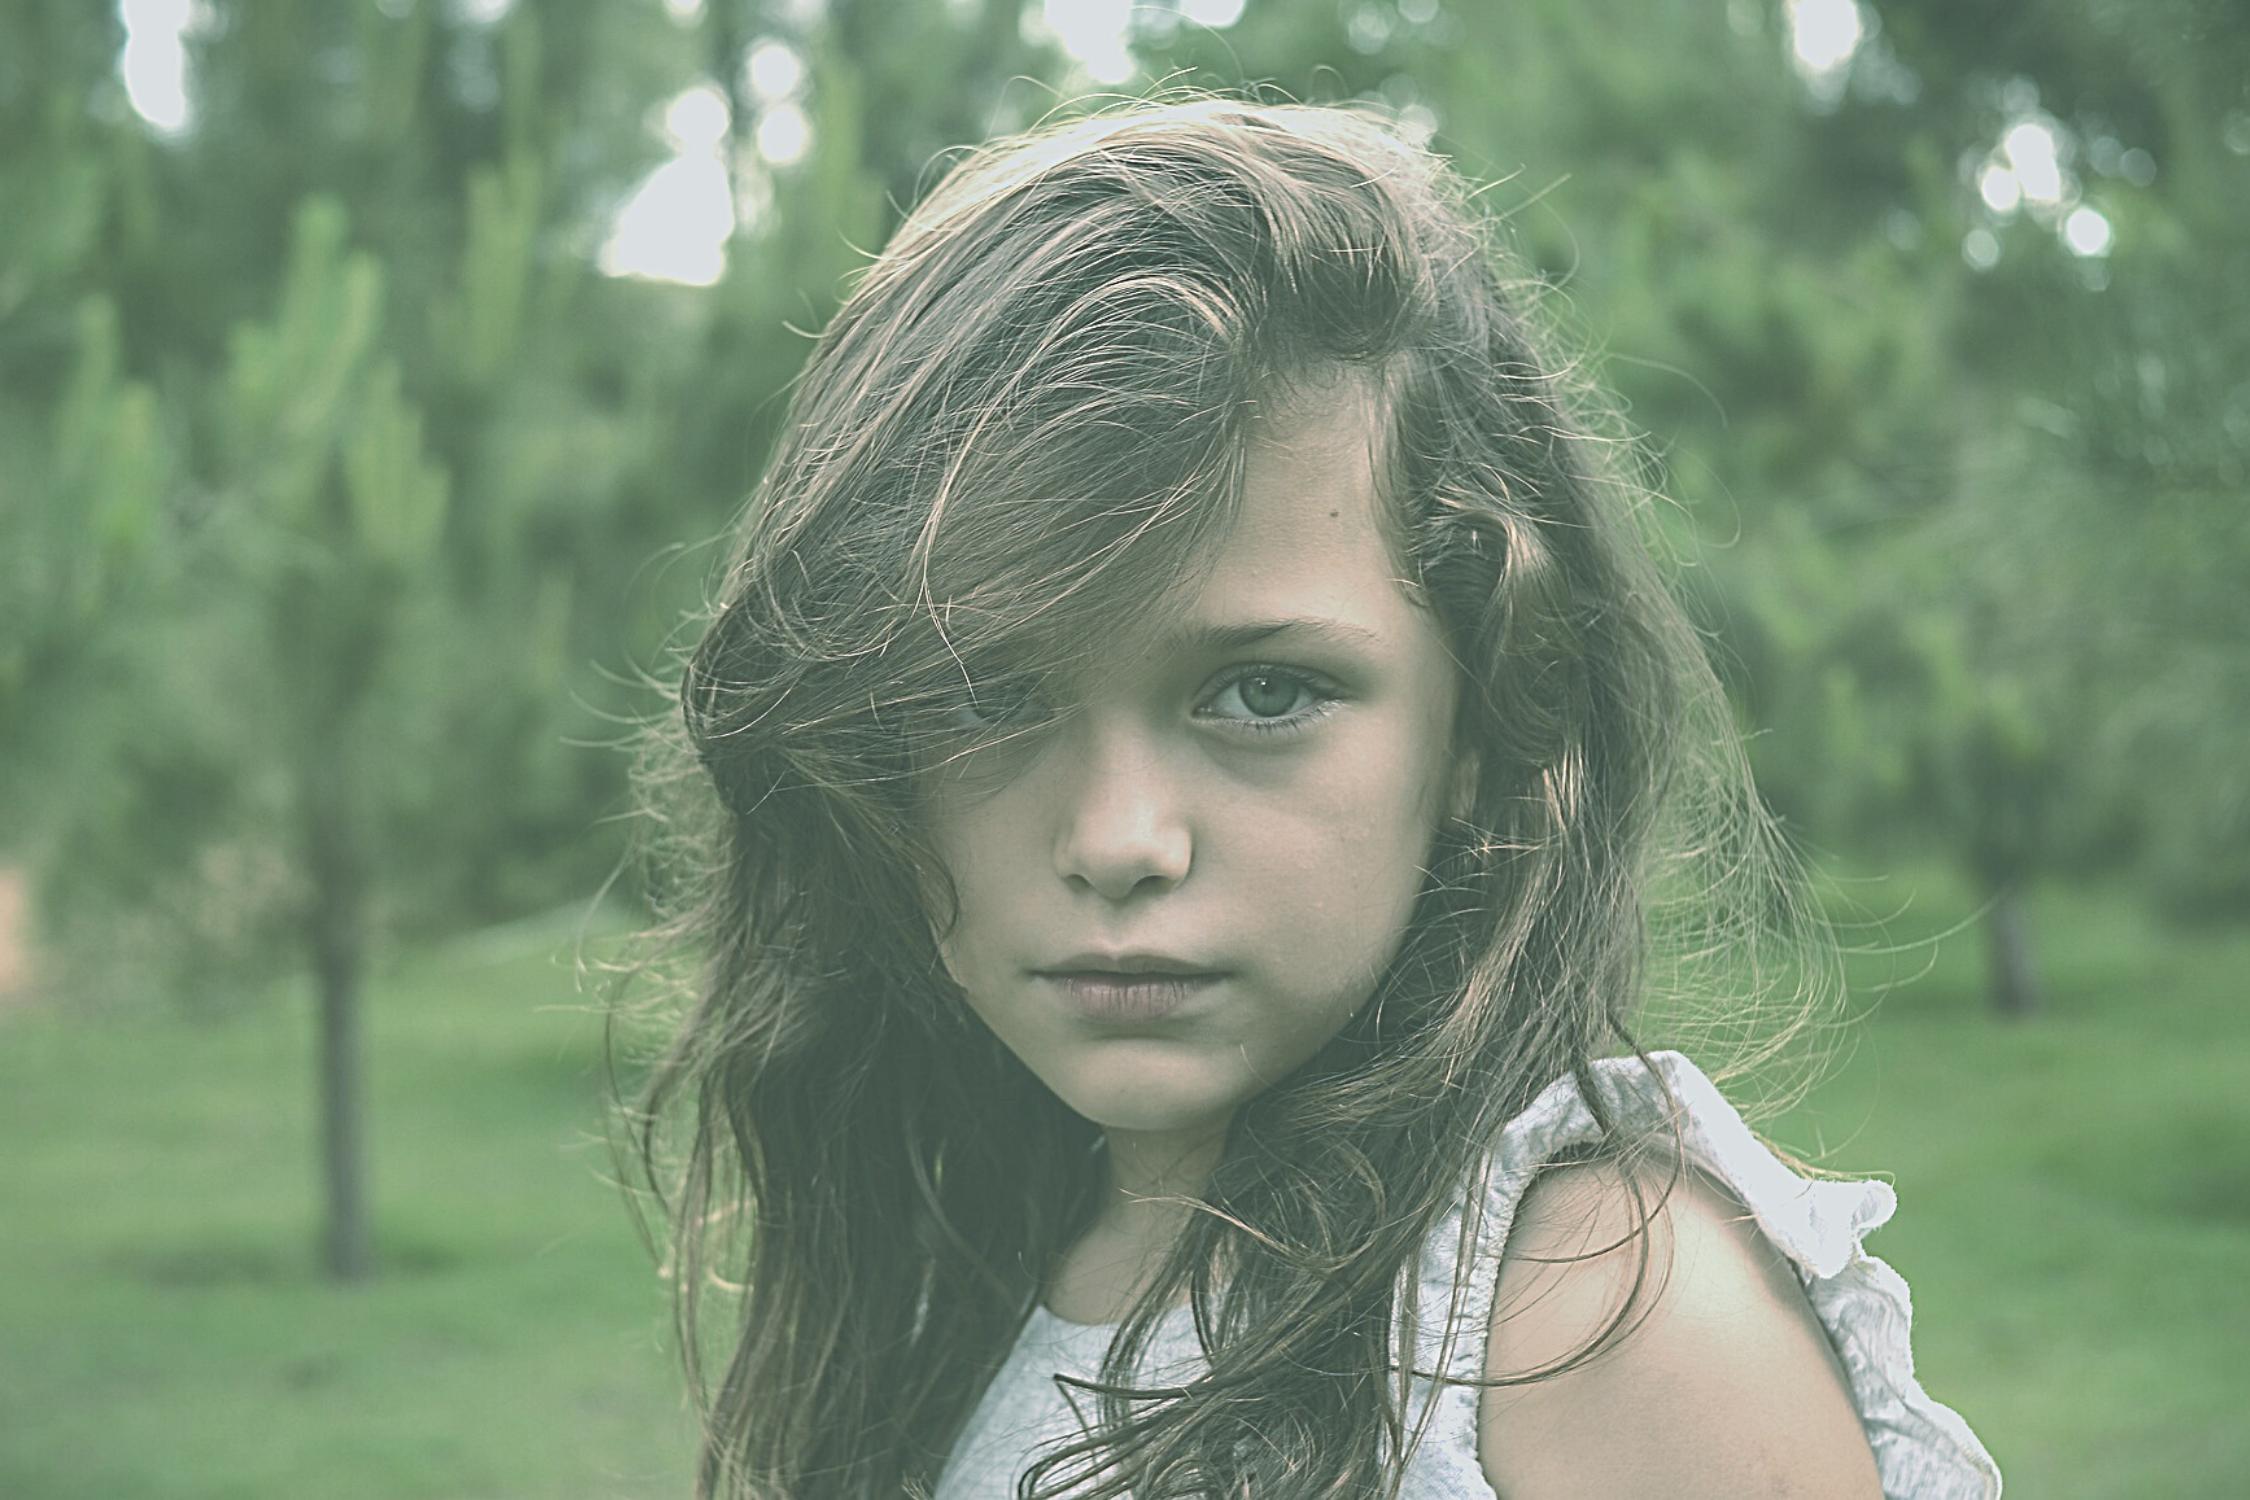 contacto visual, contacto visual autismo, miradas autistas, mi hijo no mira, estimular contacto visual, contacto ocular niños